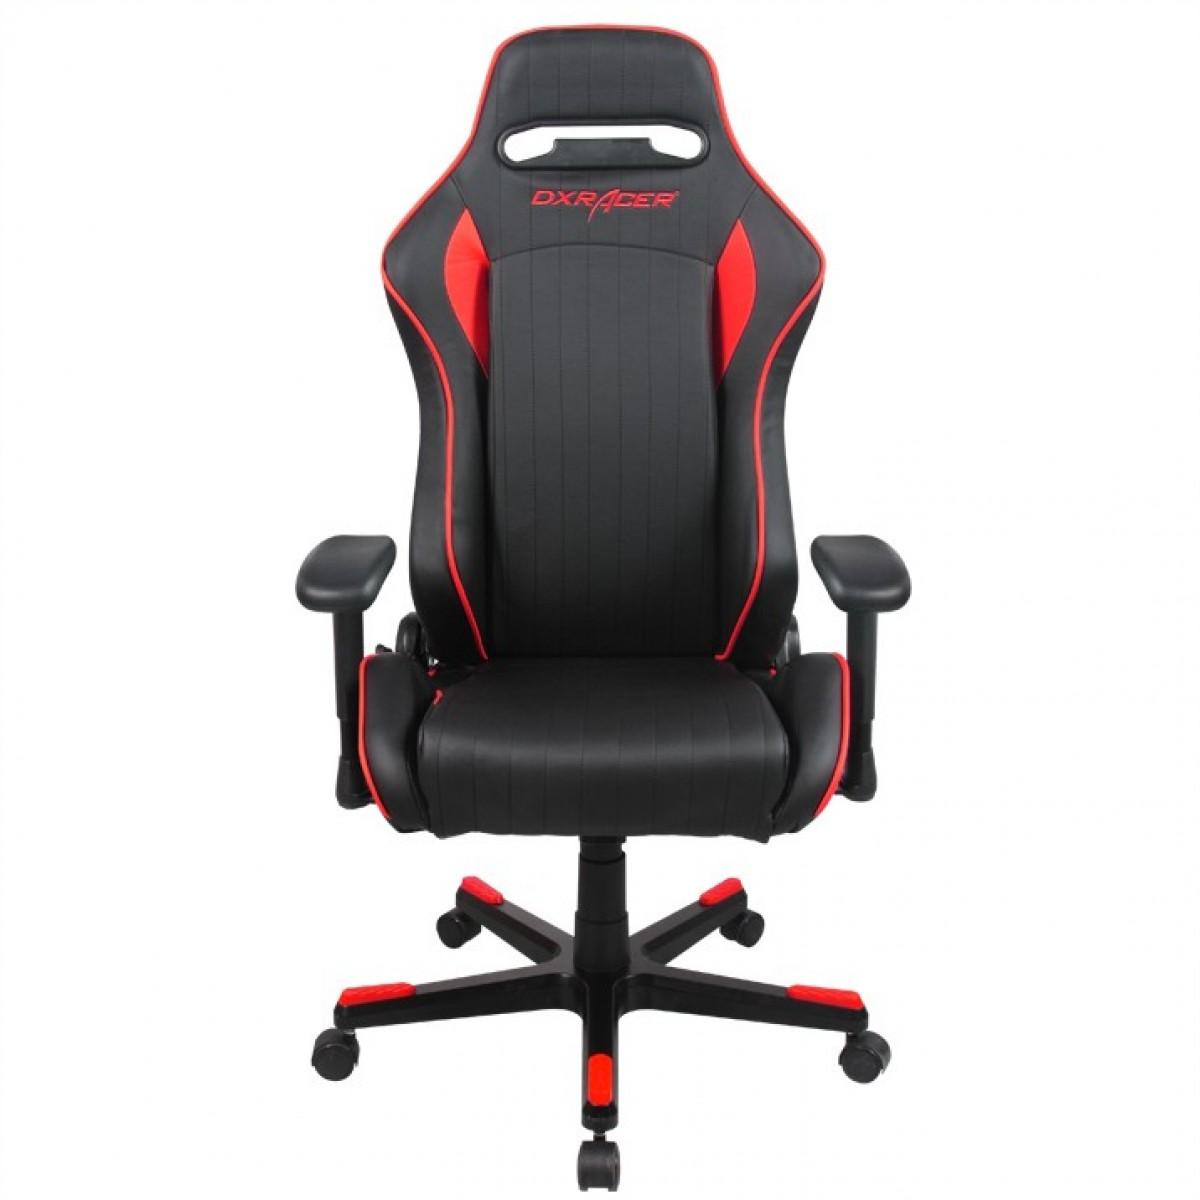 Cadeira D-Series OH/DF51/NR Preto/Vermelho - DXRacer